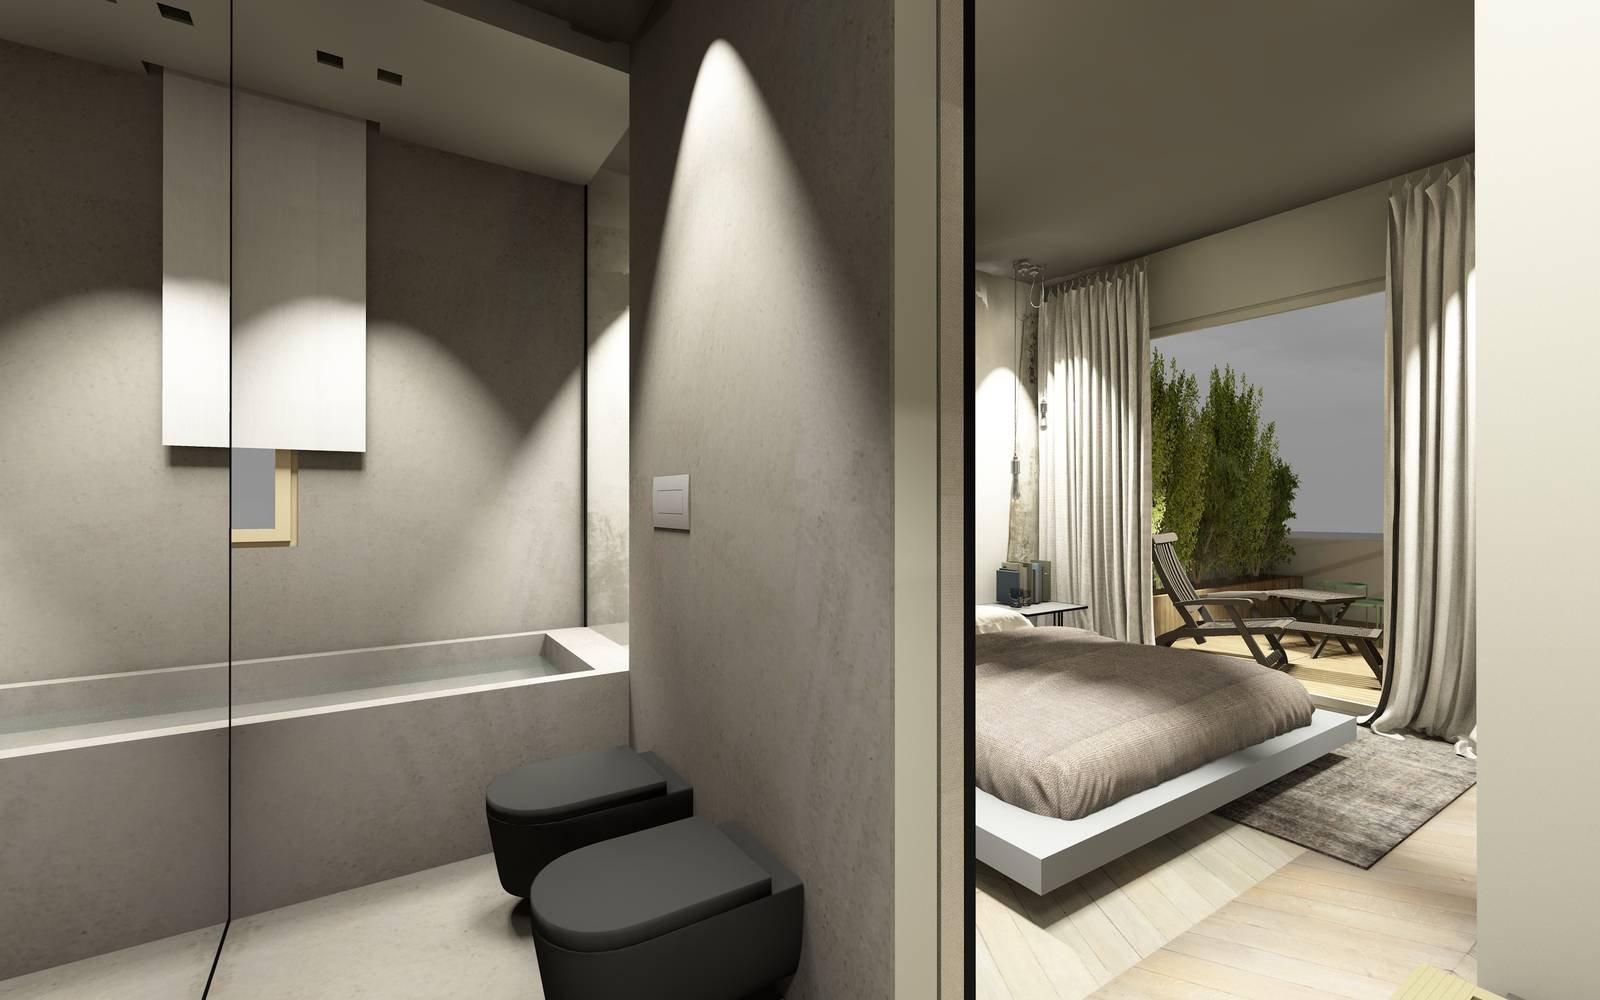 Vasca Da Bagno Nella Camera Da Letto : Bagno in camera soluzioni d effetto cose di casa